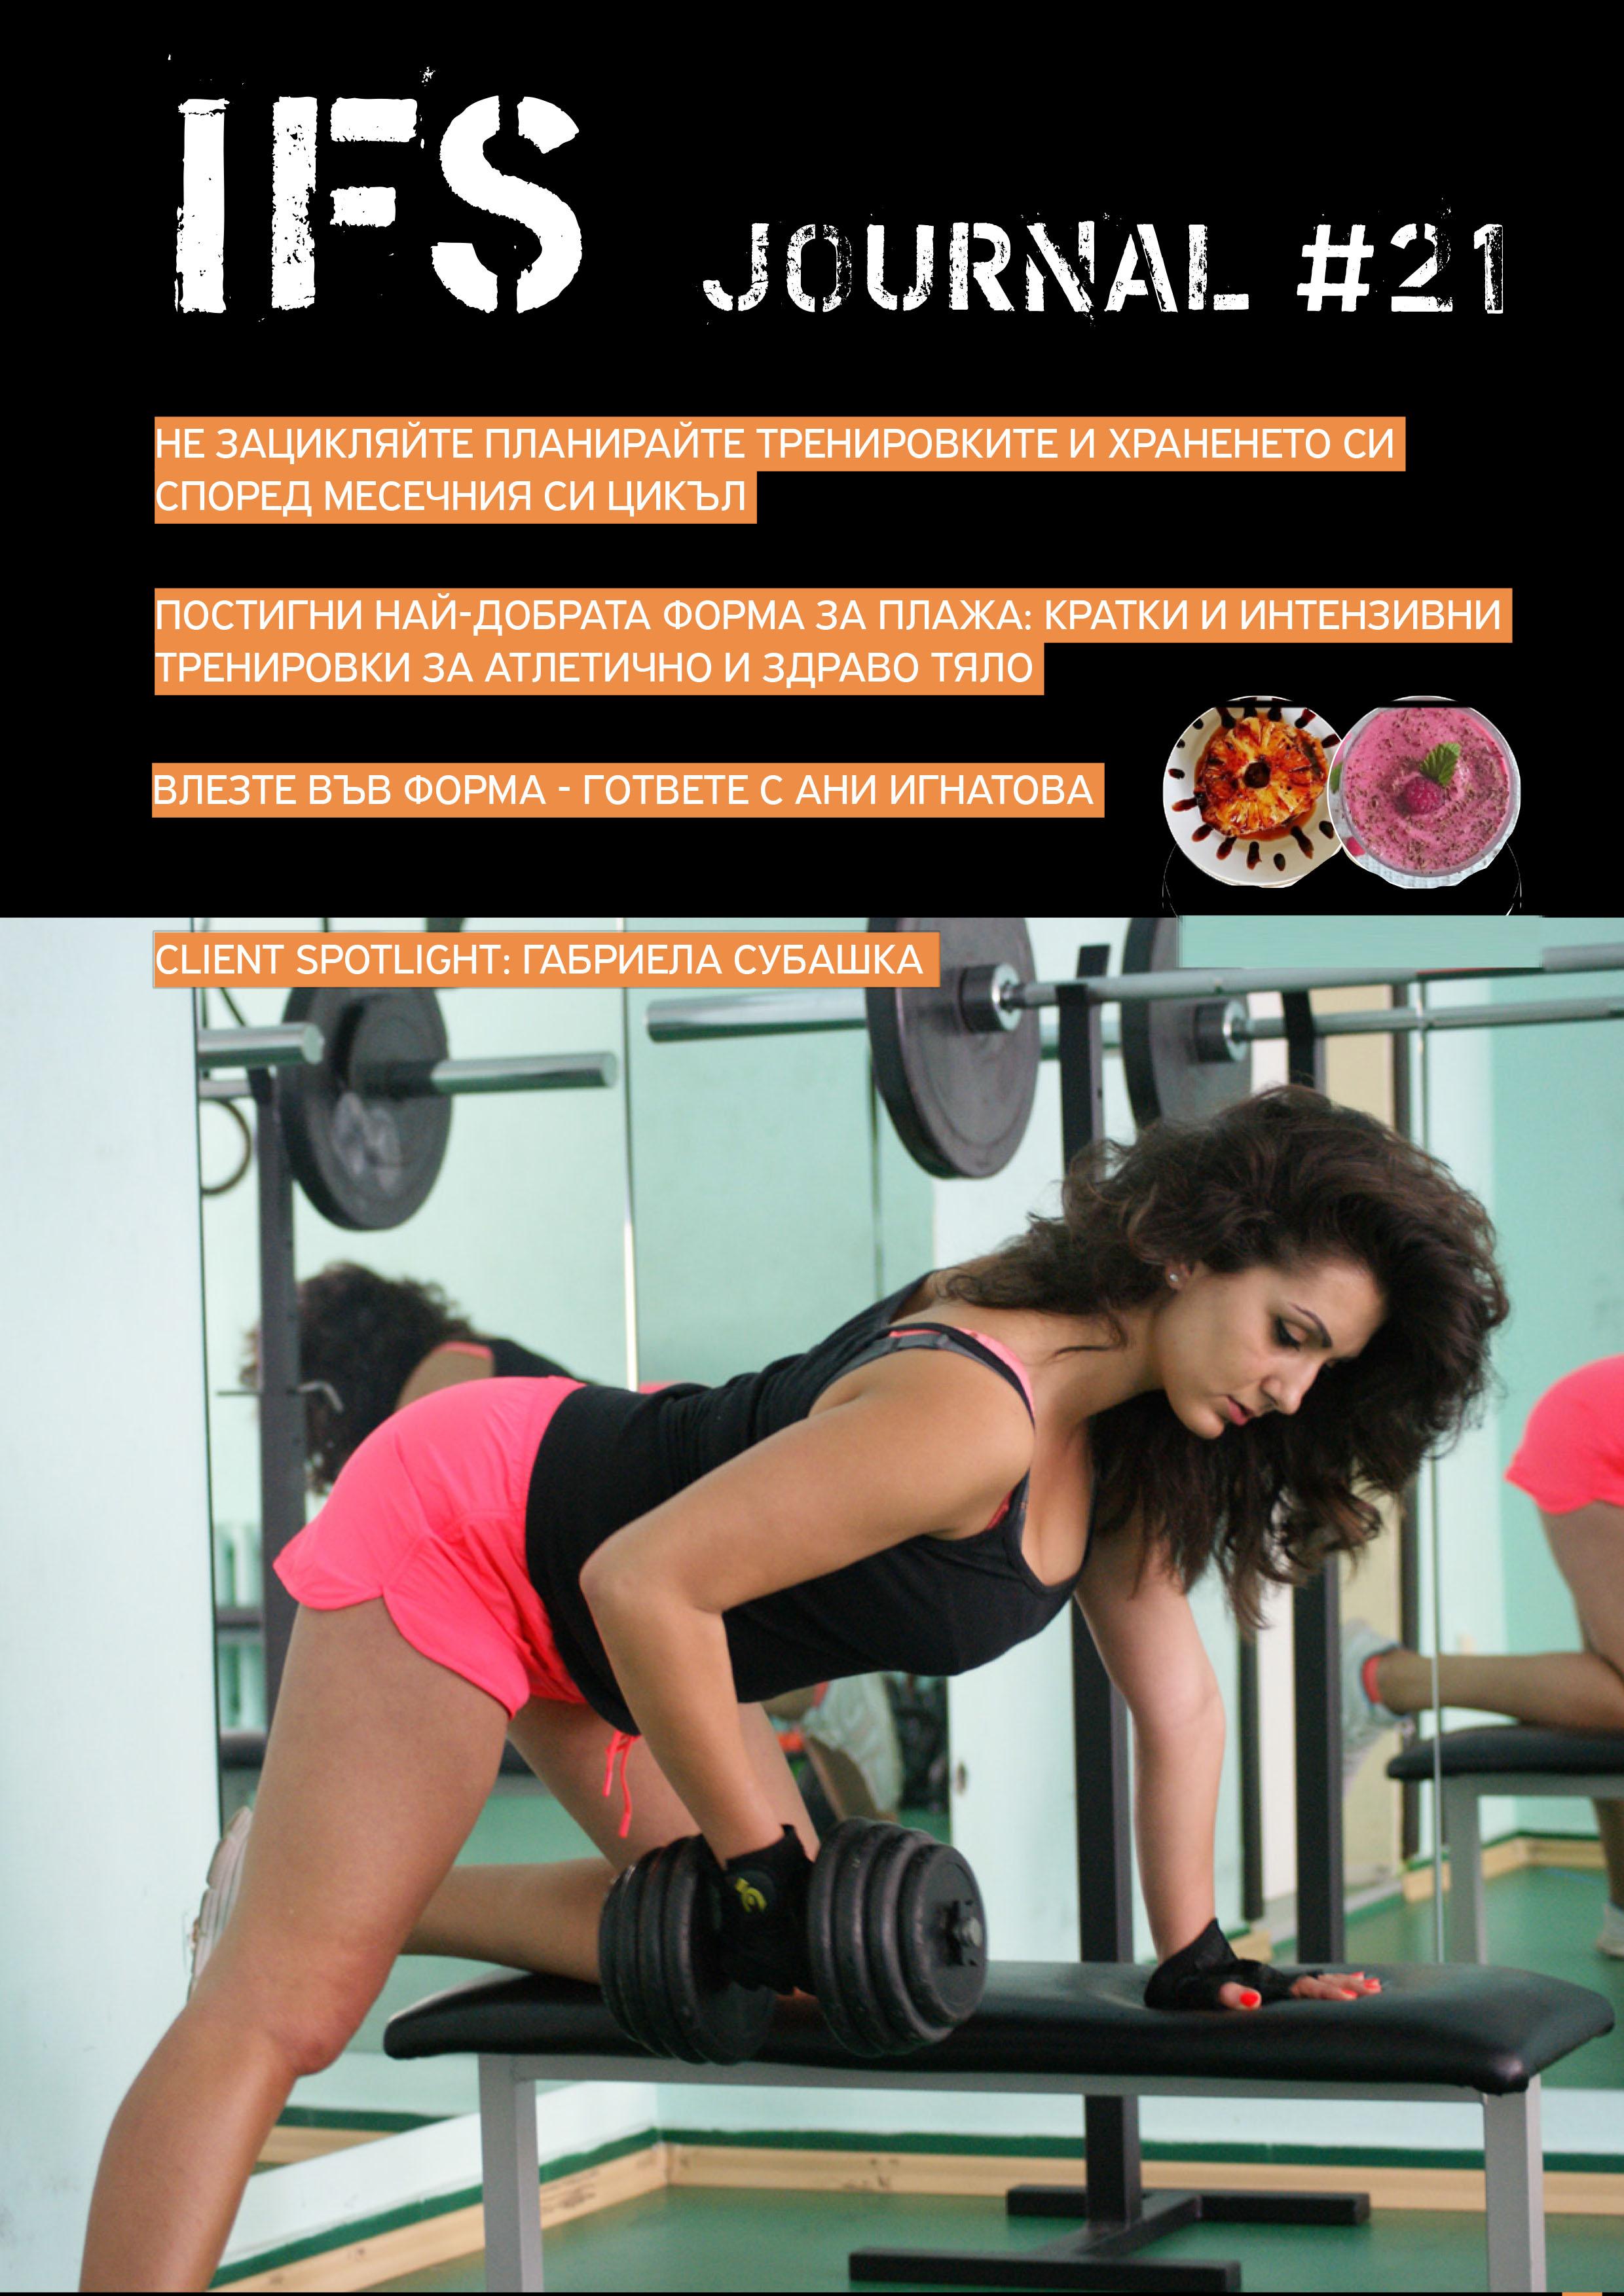 IFS Journal 21: Не зацикляйте: Планирайте тренировките и храненето си според месечния си цикъл